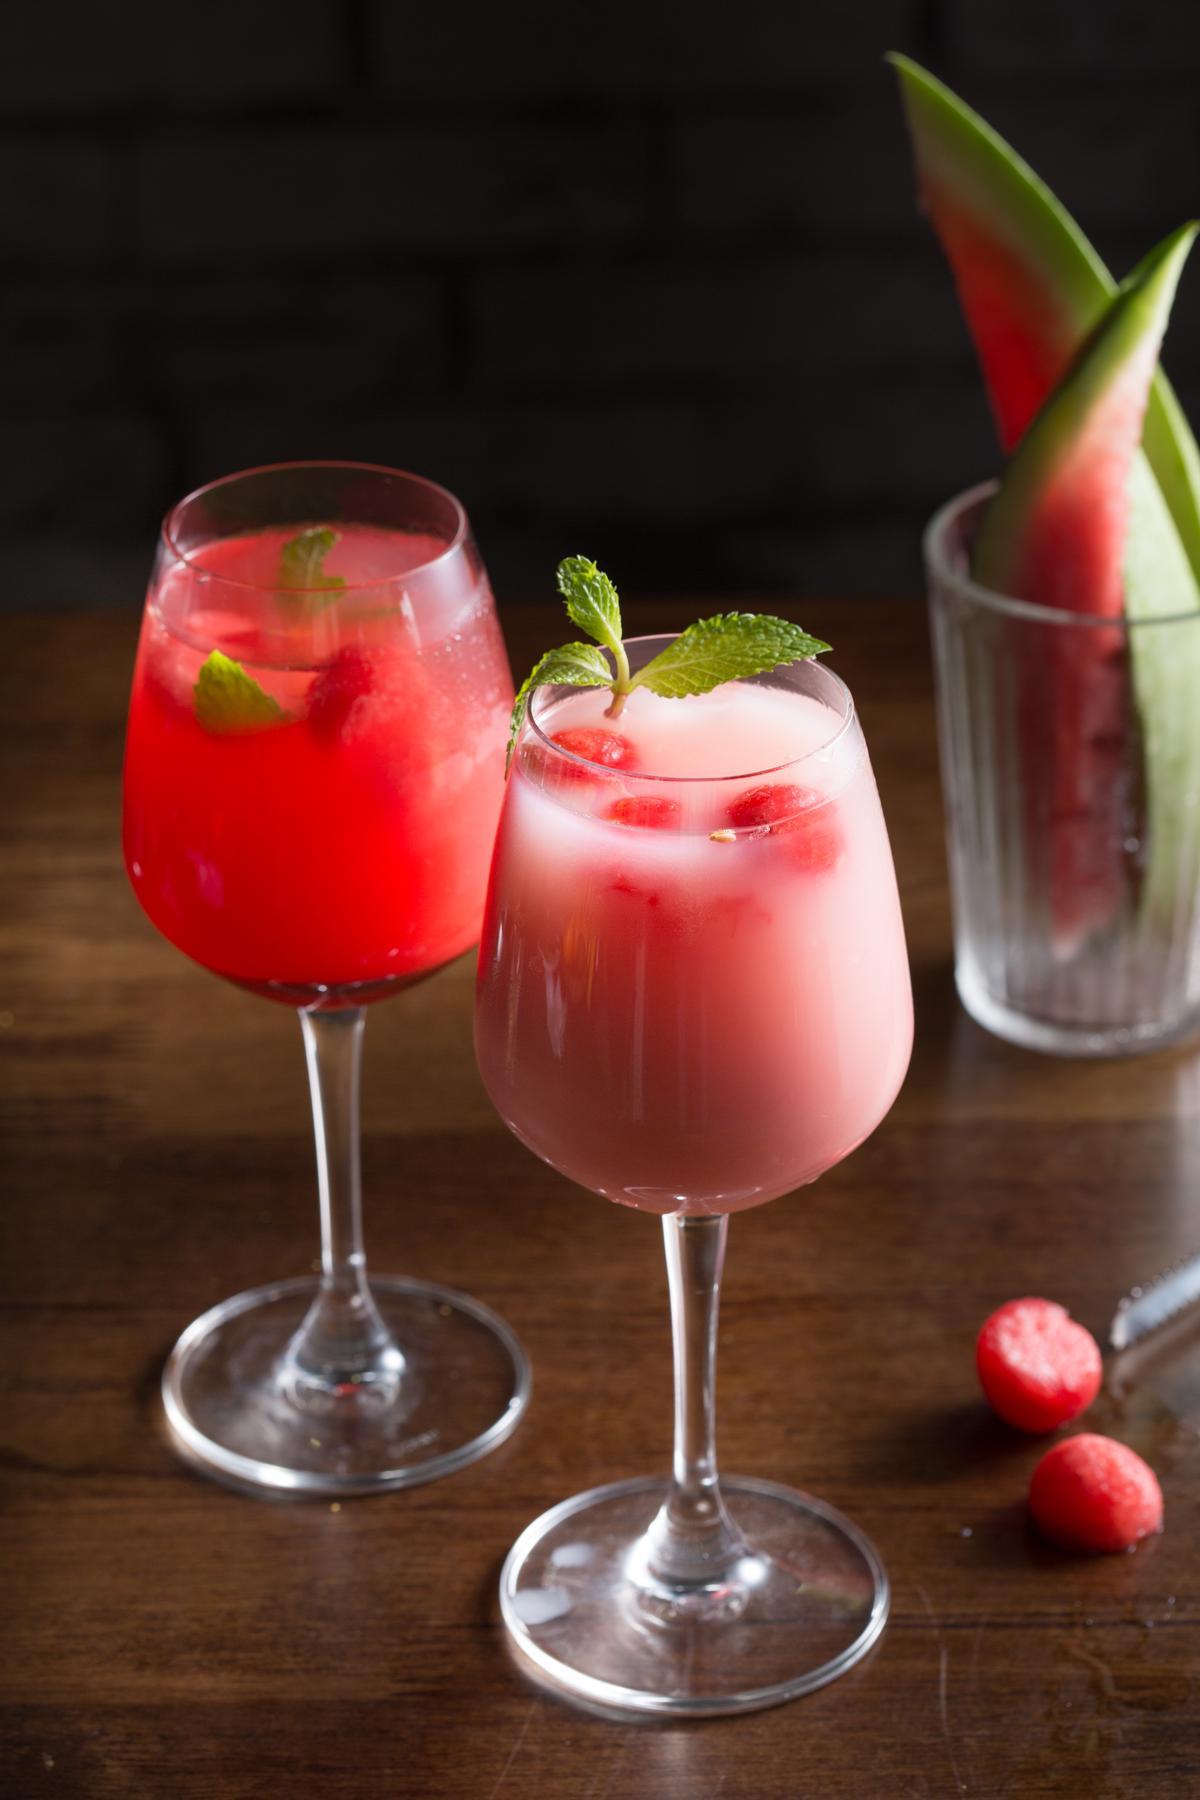 「西瓜沙瓦」(左,200元/杯)和「西瓜牛奶沙瓦」(右,200元/杯)微醺沁涼滿是西瓜香甜味,是非常夏天的風味。